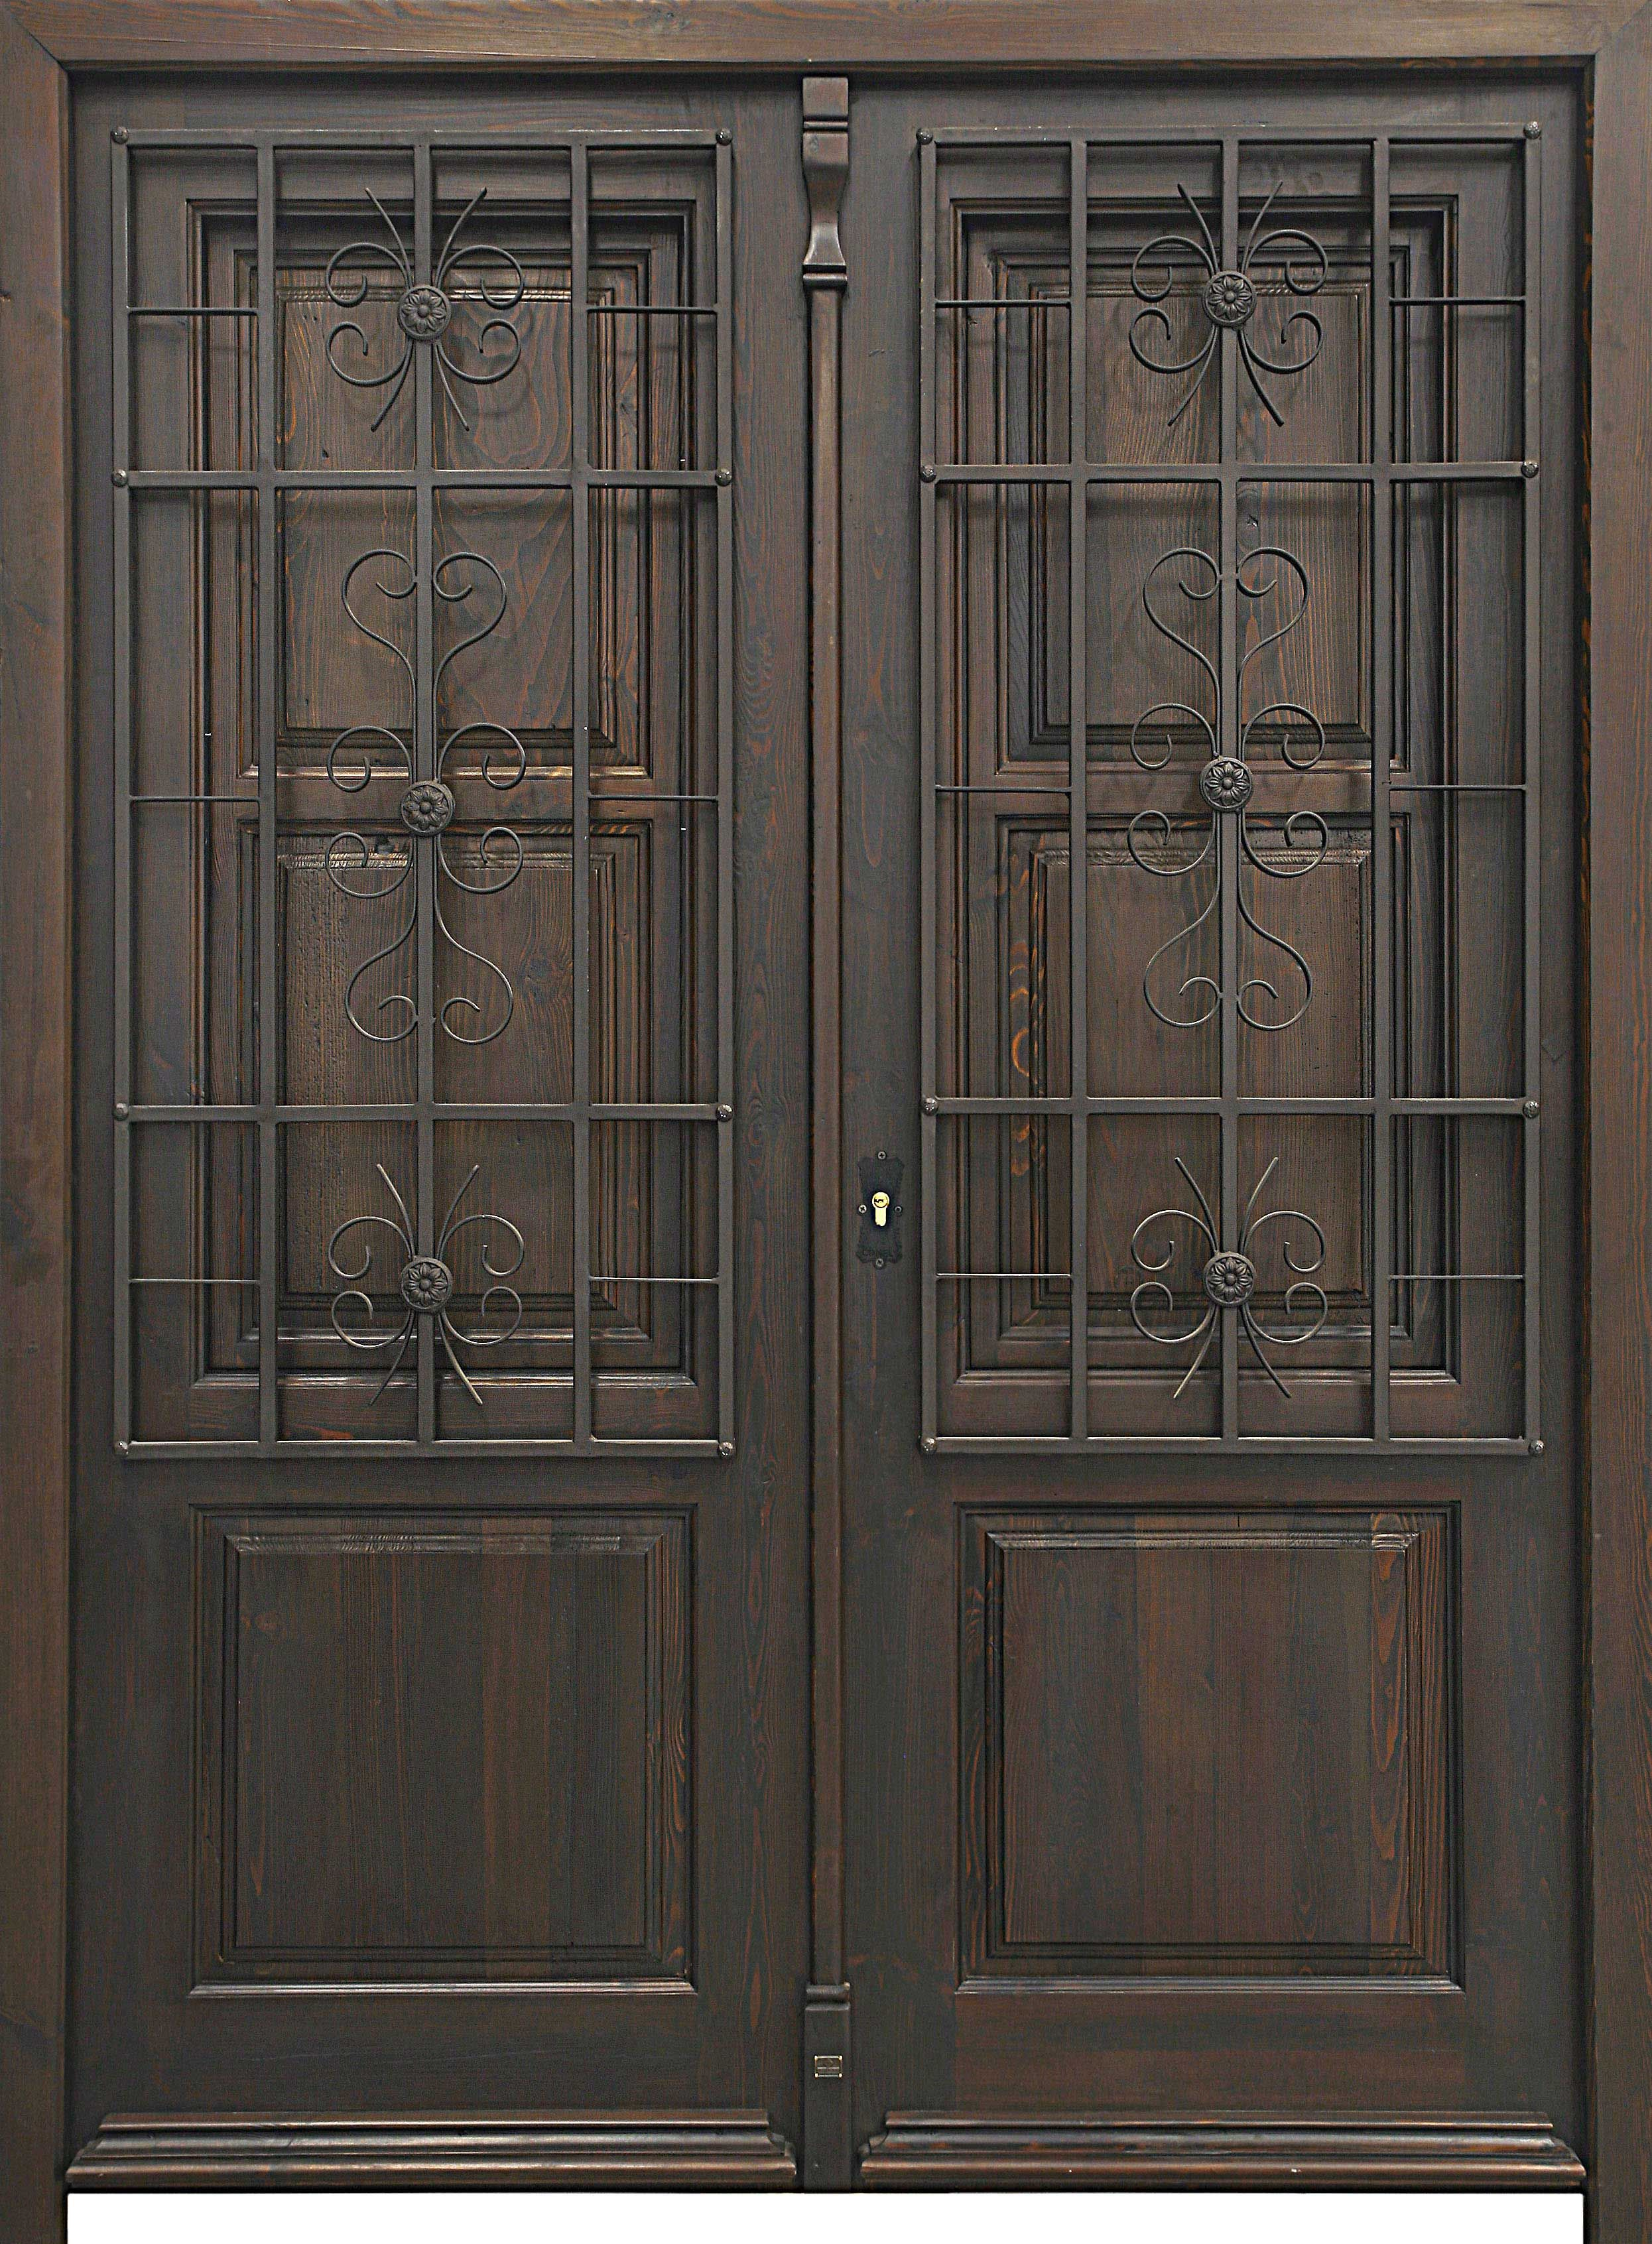 Puerta de estilo modernista de dos hojas con rejas artesanales de ...